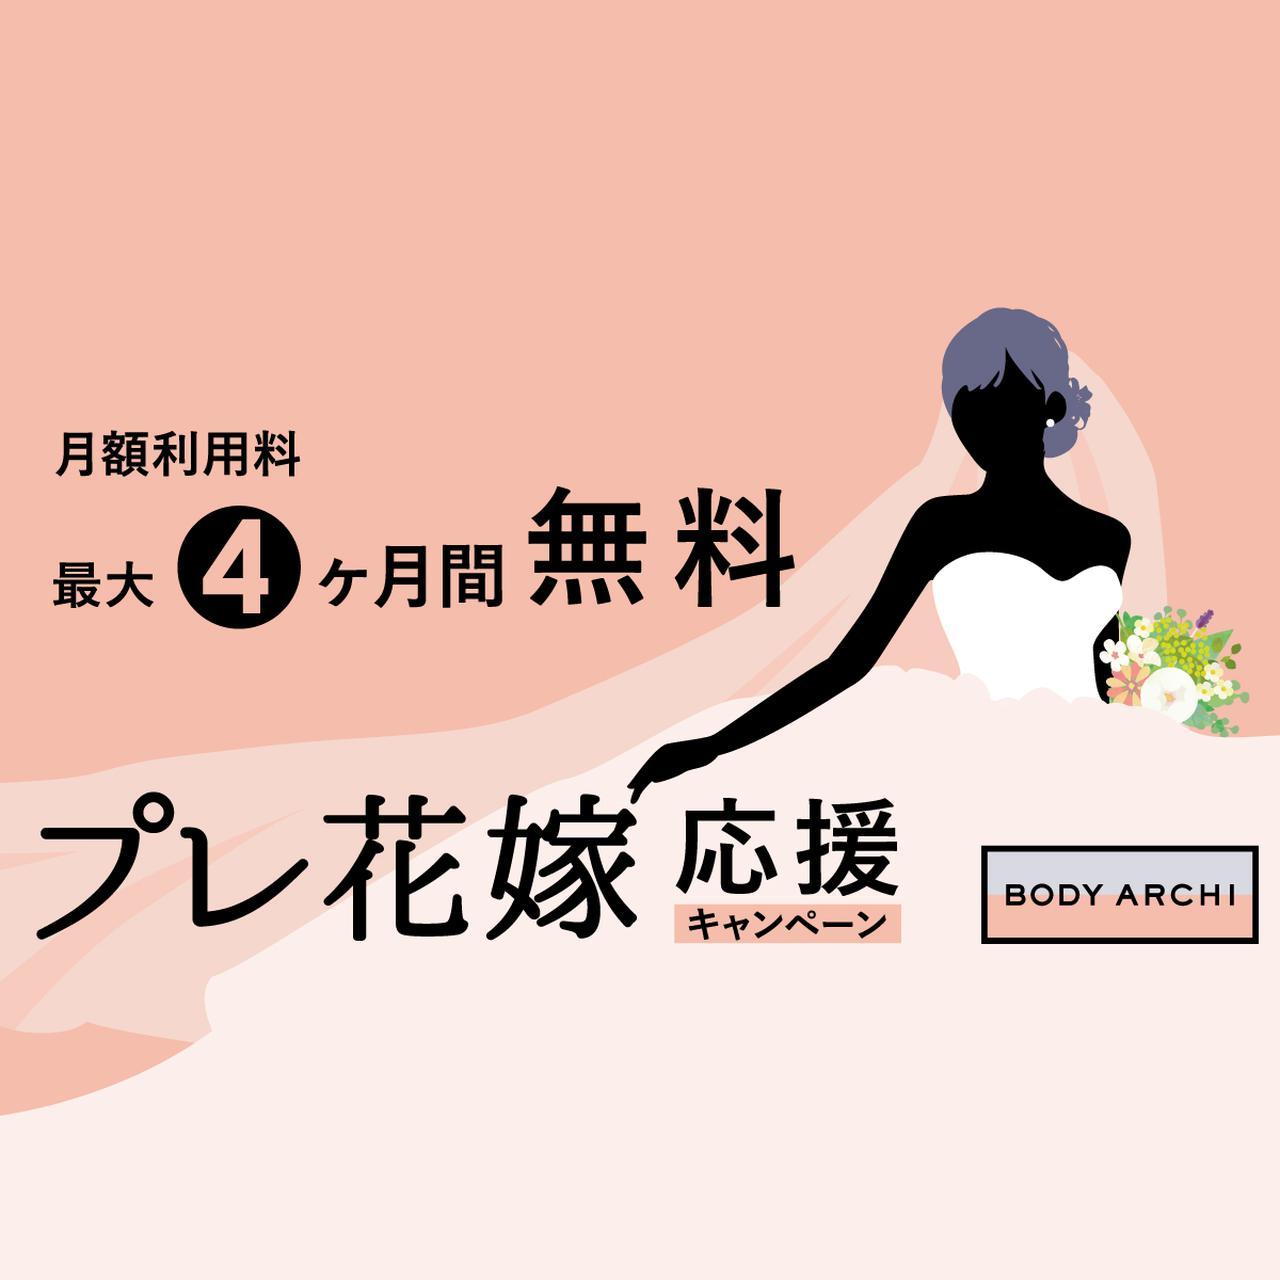 画像: 【最大4ヶ月無料】プレ花嫁応援企画!定額制セルフエステ BODY ARCHI